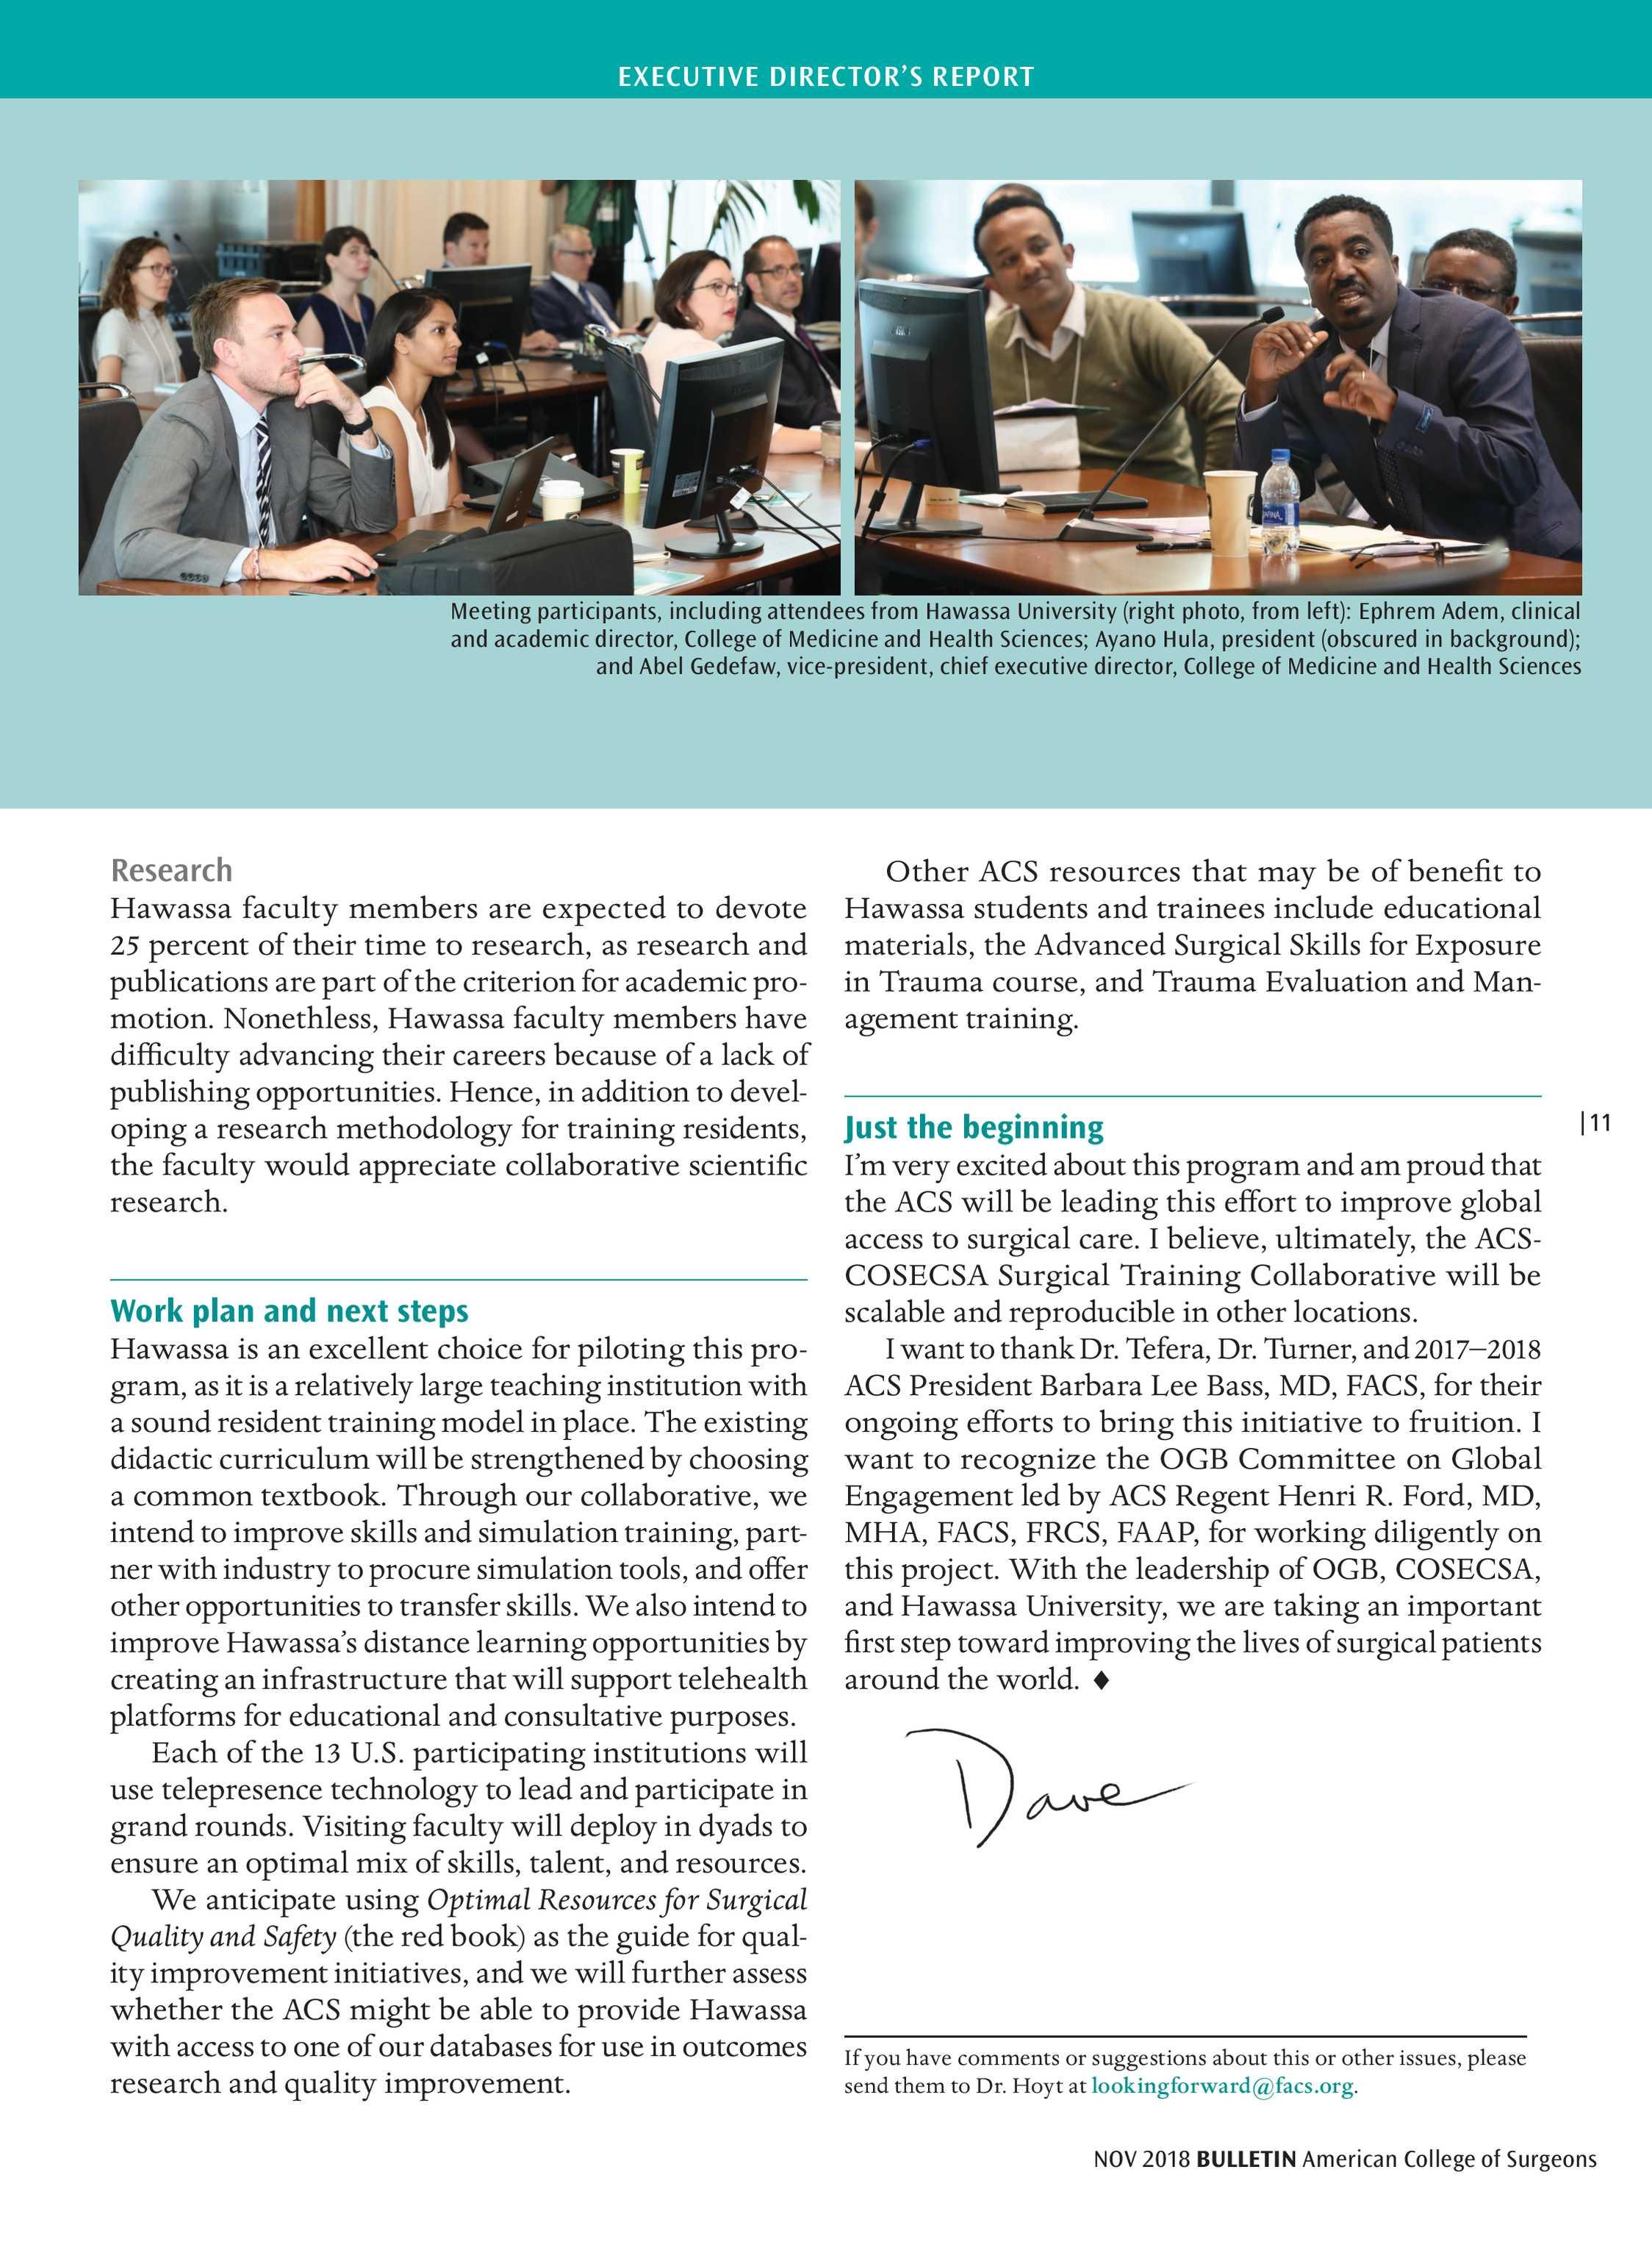 ACS Bulletin - November 2018 - page 12